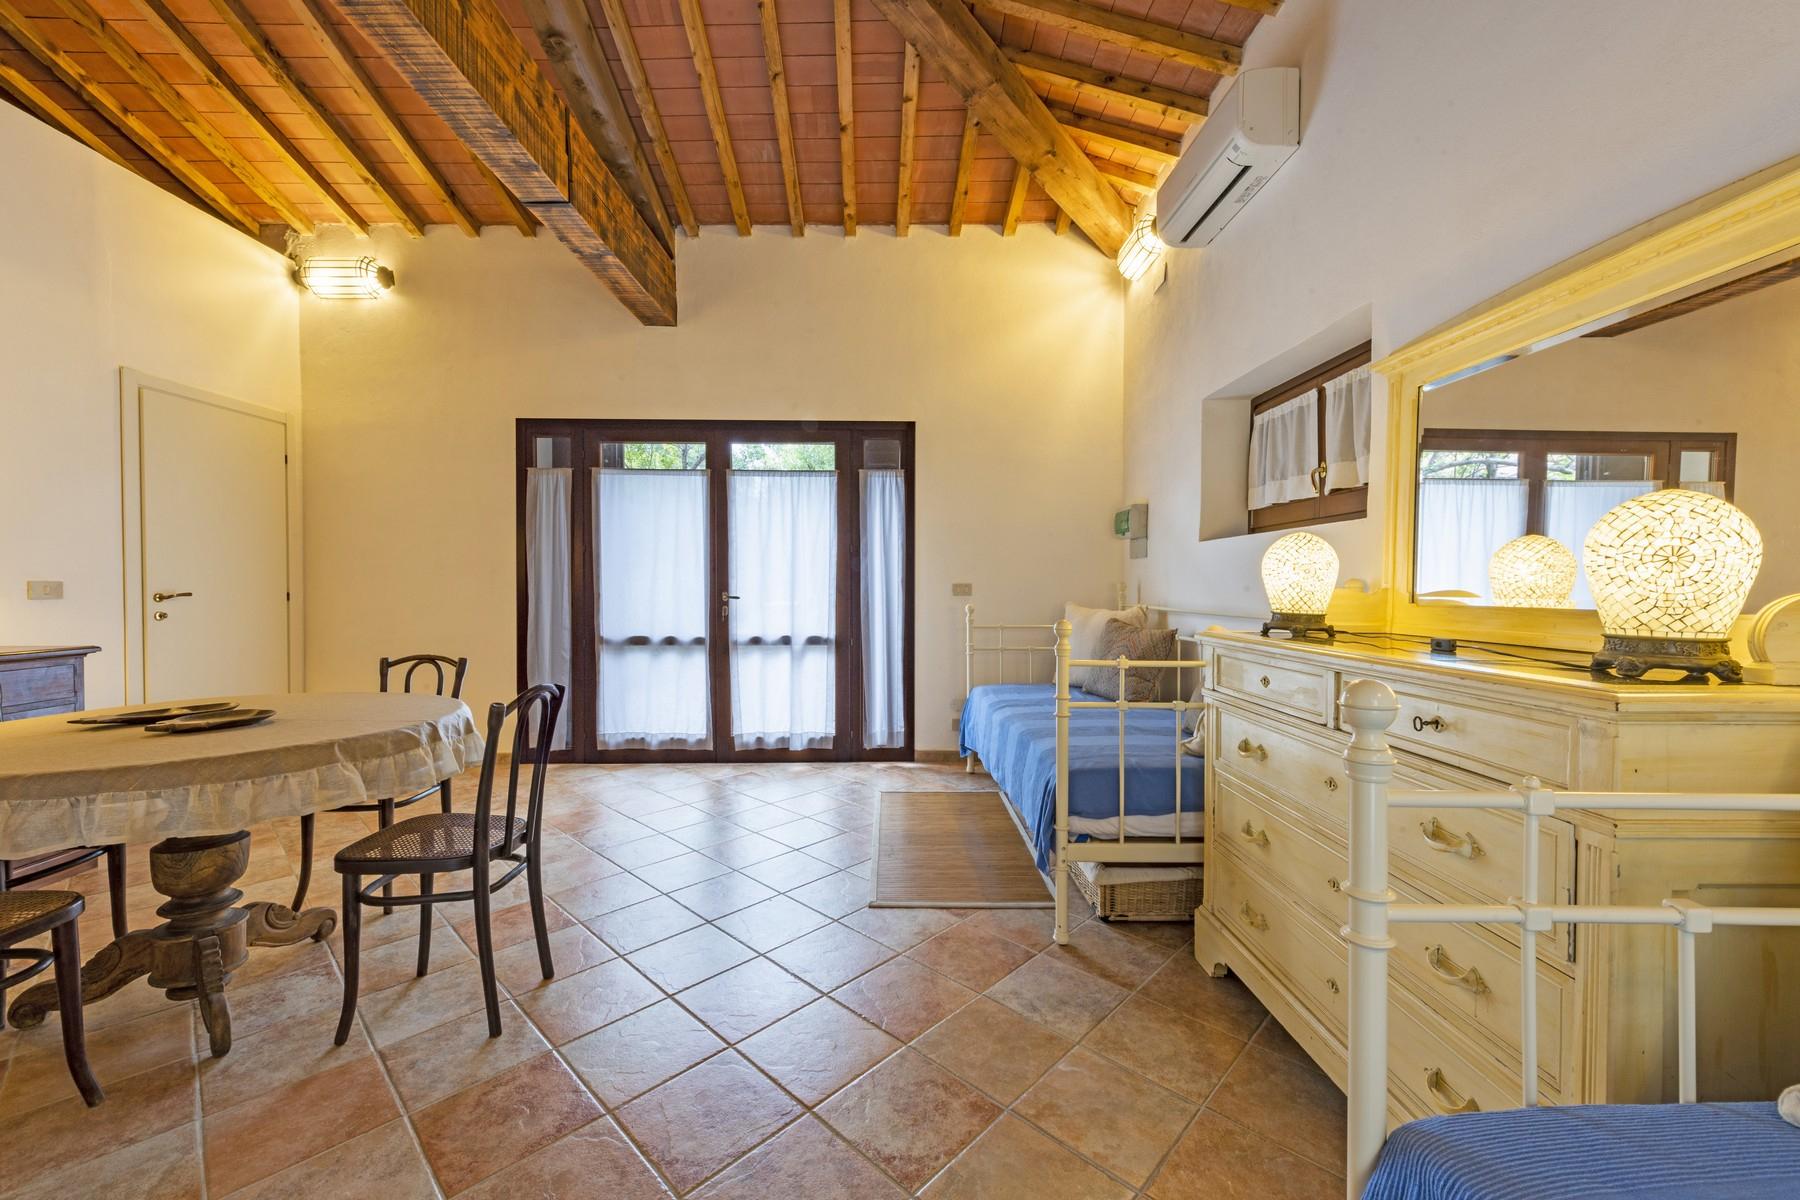 Villa in Vendita a Capraia Isola: 5 locali, 320 mq - Foto 20